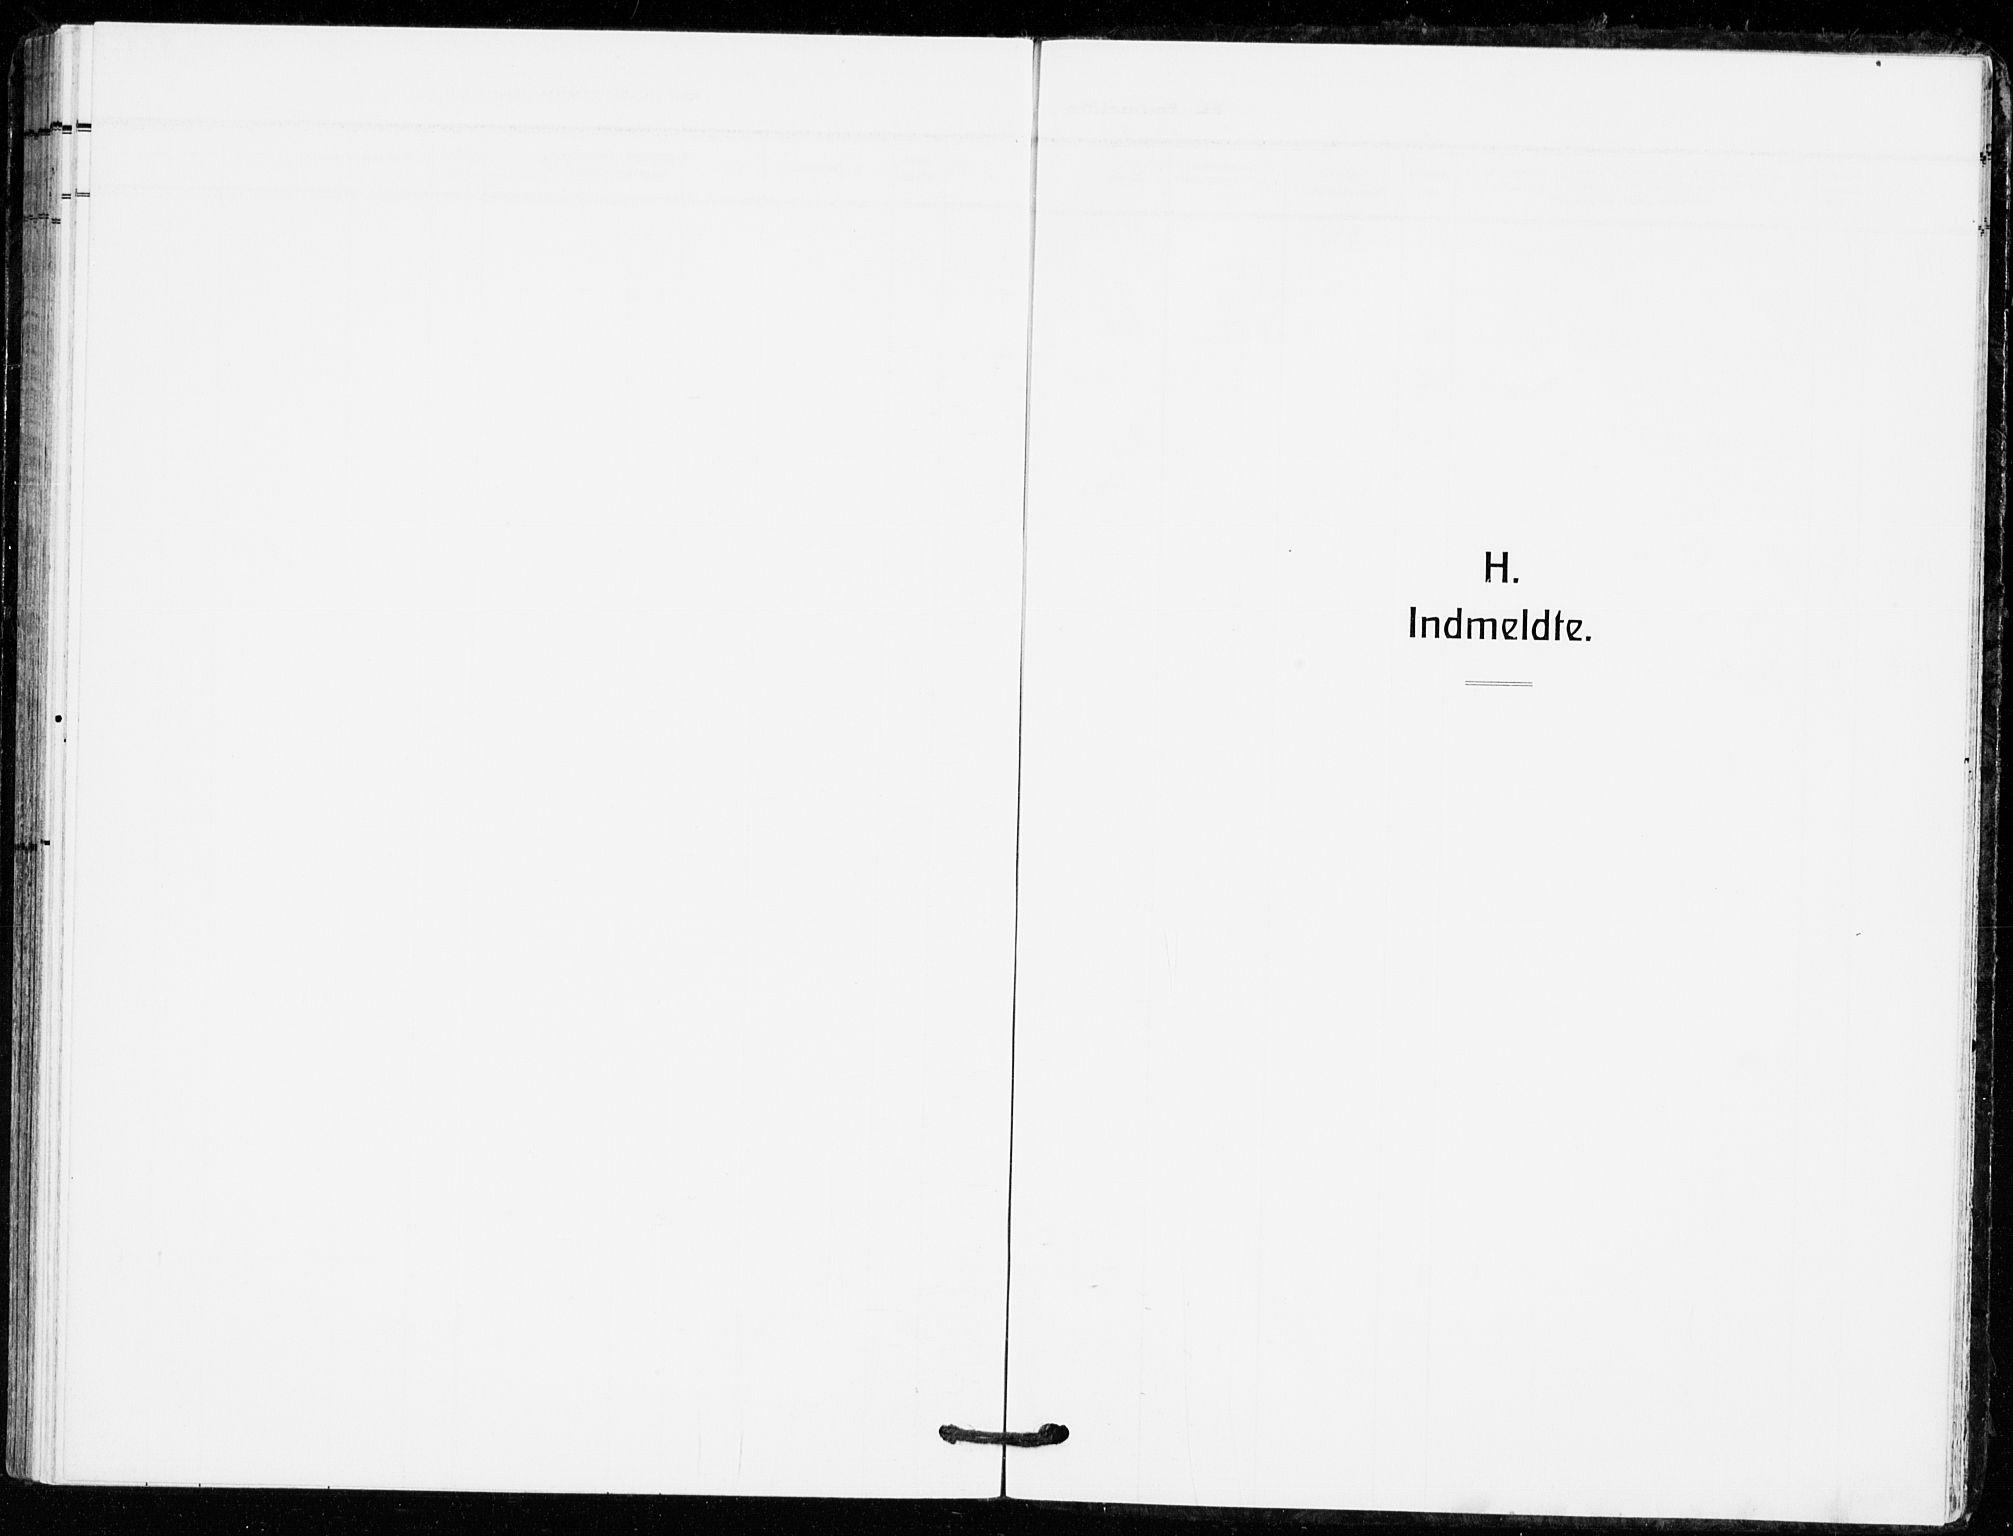 SAKO, Bø kirkebøker, F/Fa/L0013: Ministerialbok nr. 13, 1909-1921